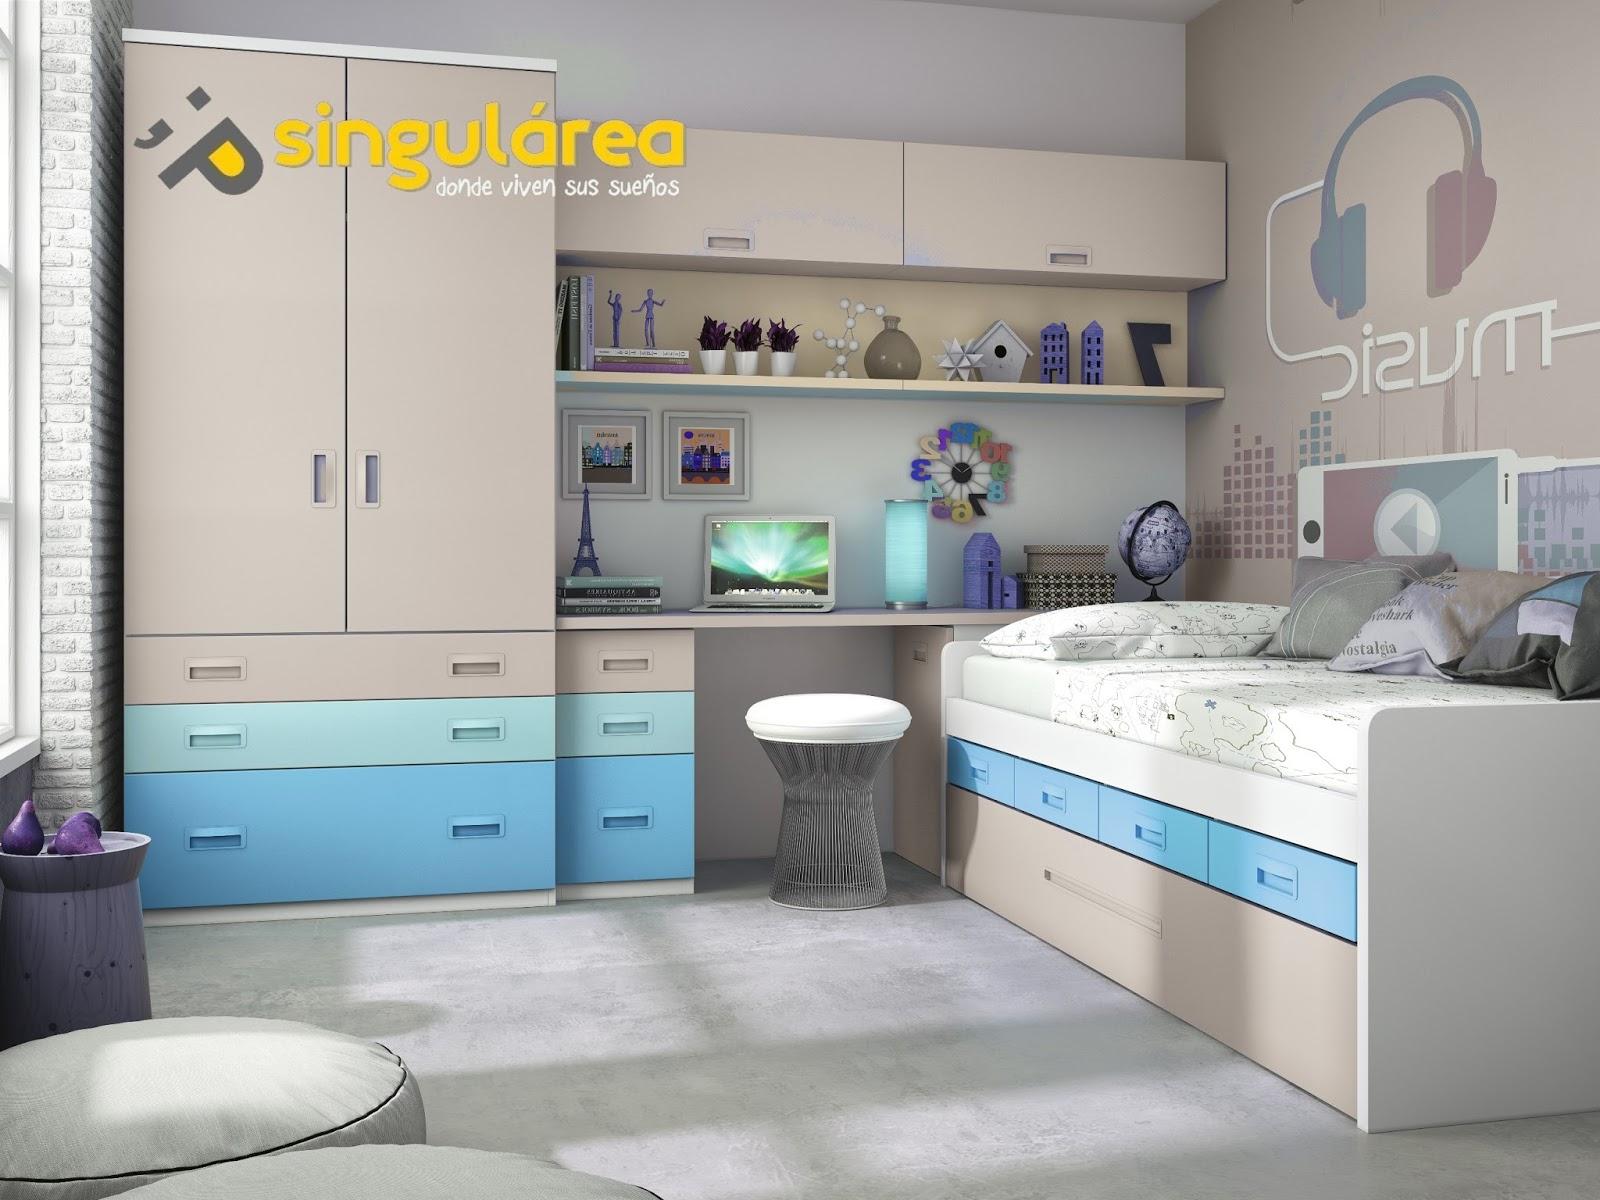 Dormitorio juvenil 1611 - Dormitorios infantiles valencia ...